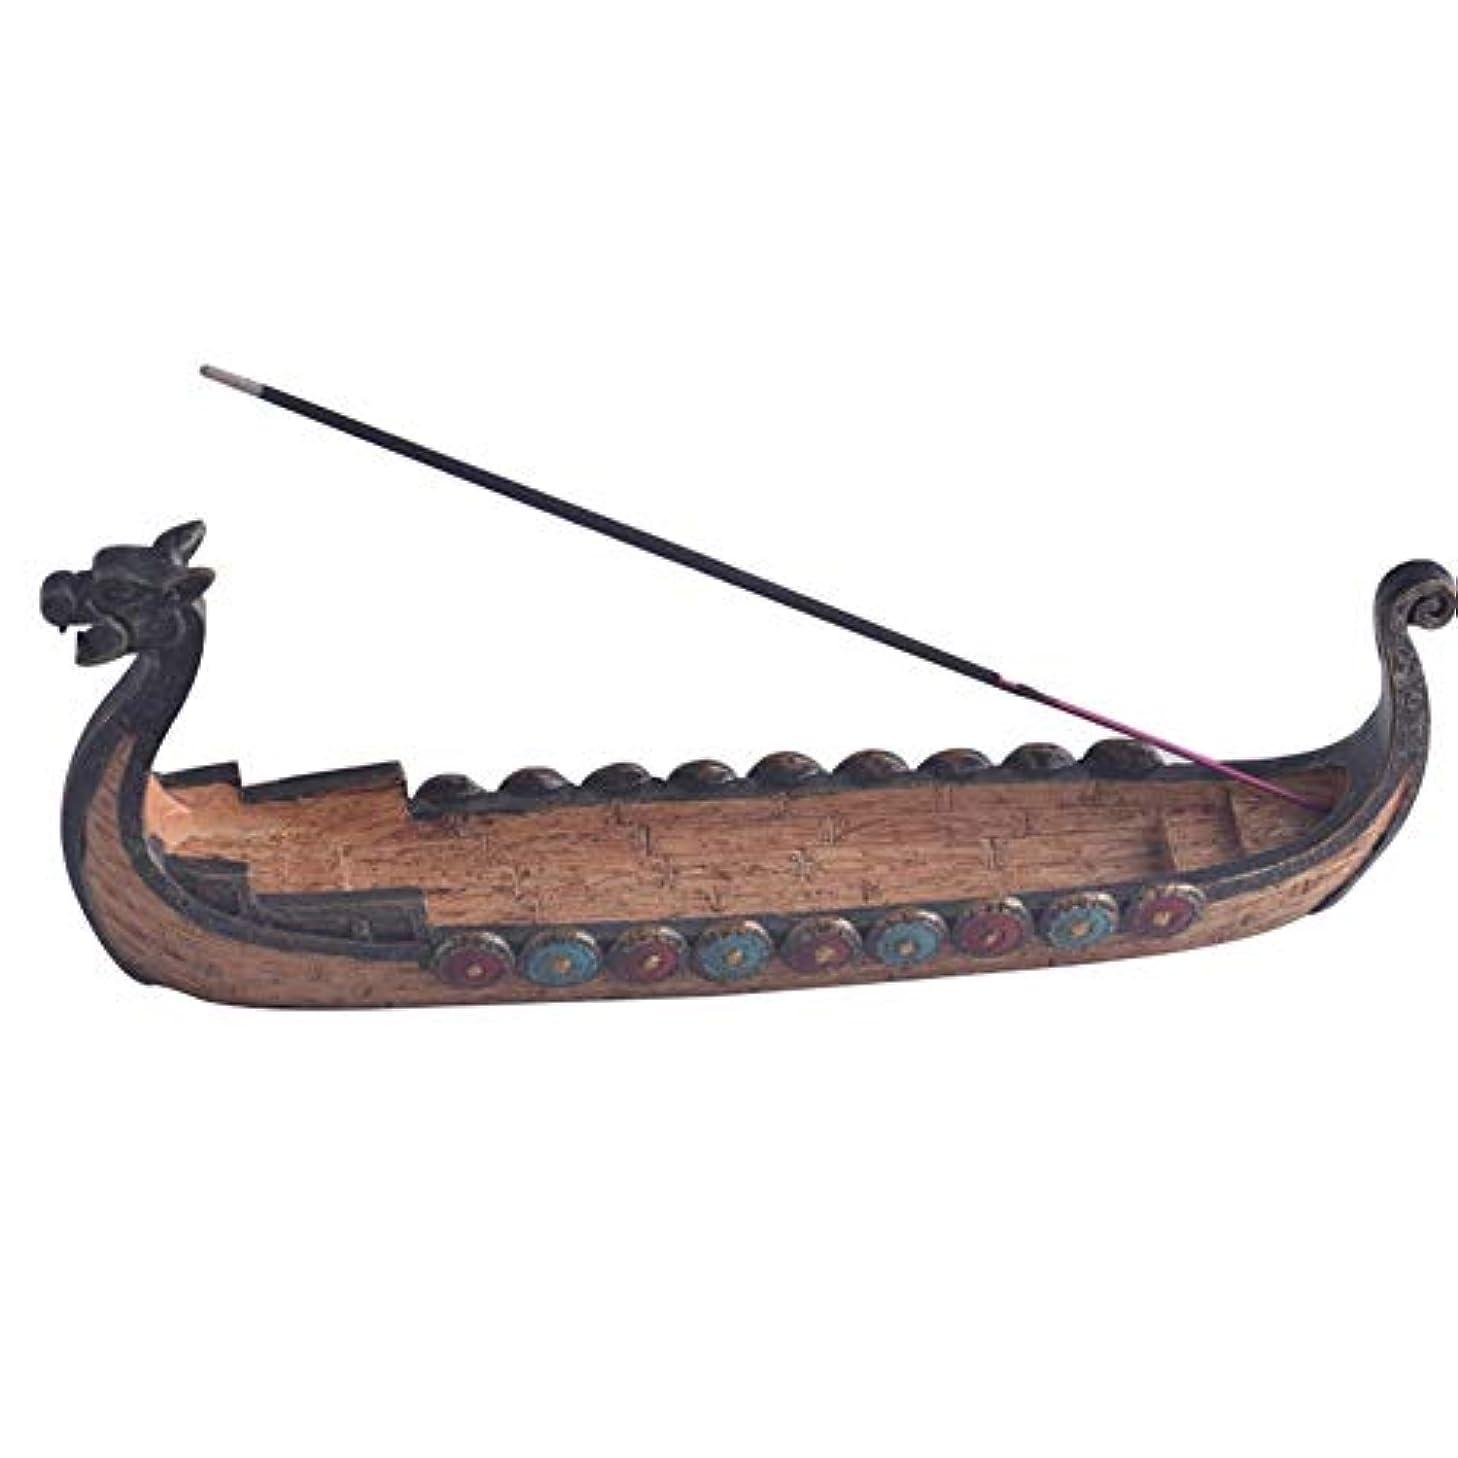 報復するそれ過半数CoolTack スティック香中国の伝統的な家の装飾のためのドラゴンボート型香炉